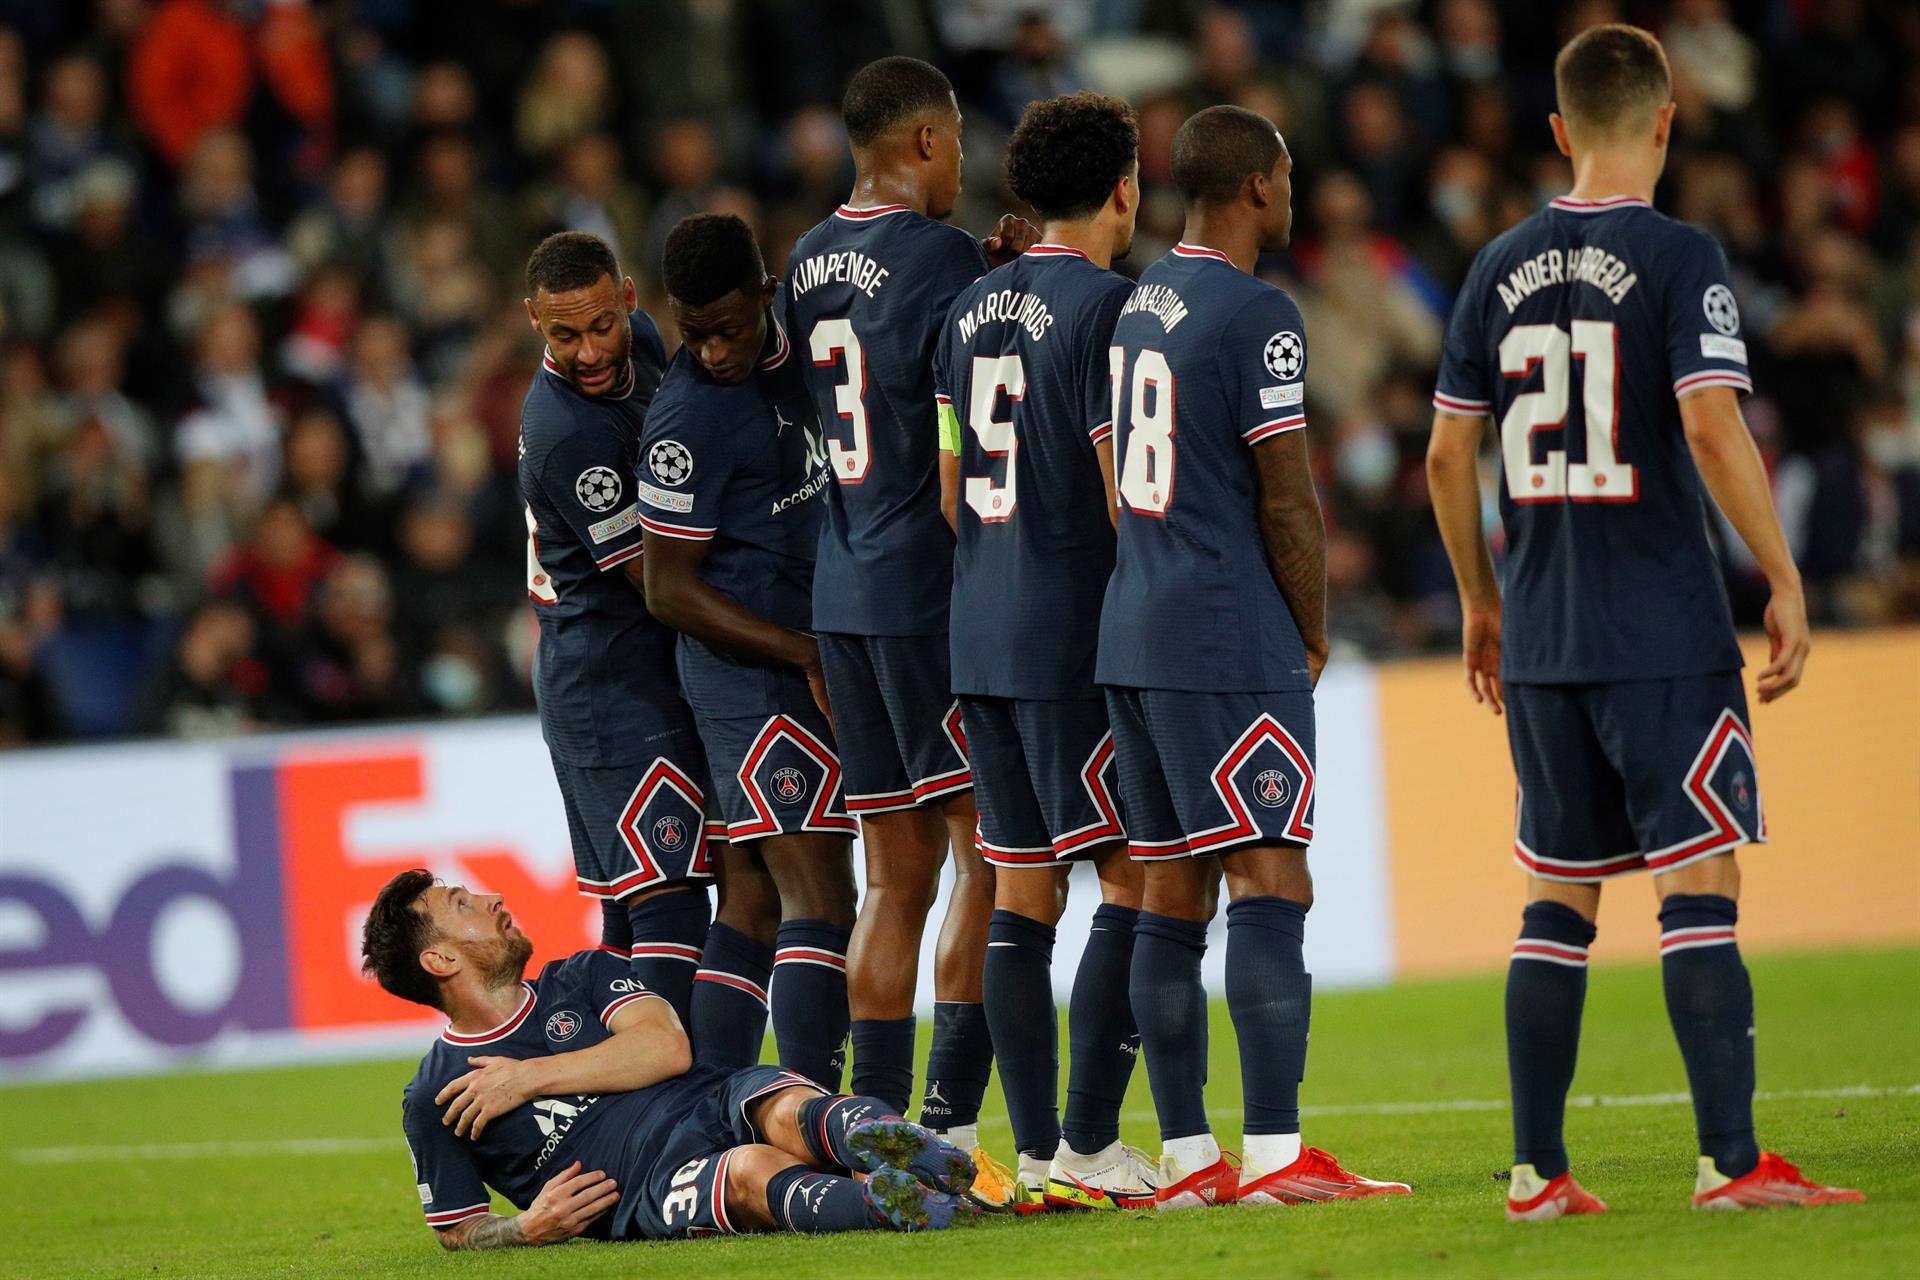 ¿Qué haces ahí Messi? fue el mensaje con el que Neymar acompaño esta imagen /Foto:EFE